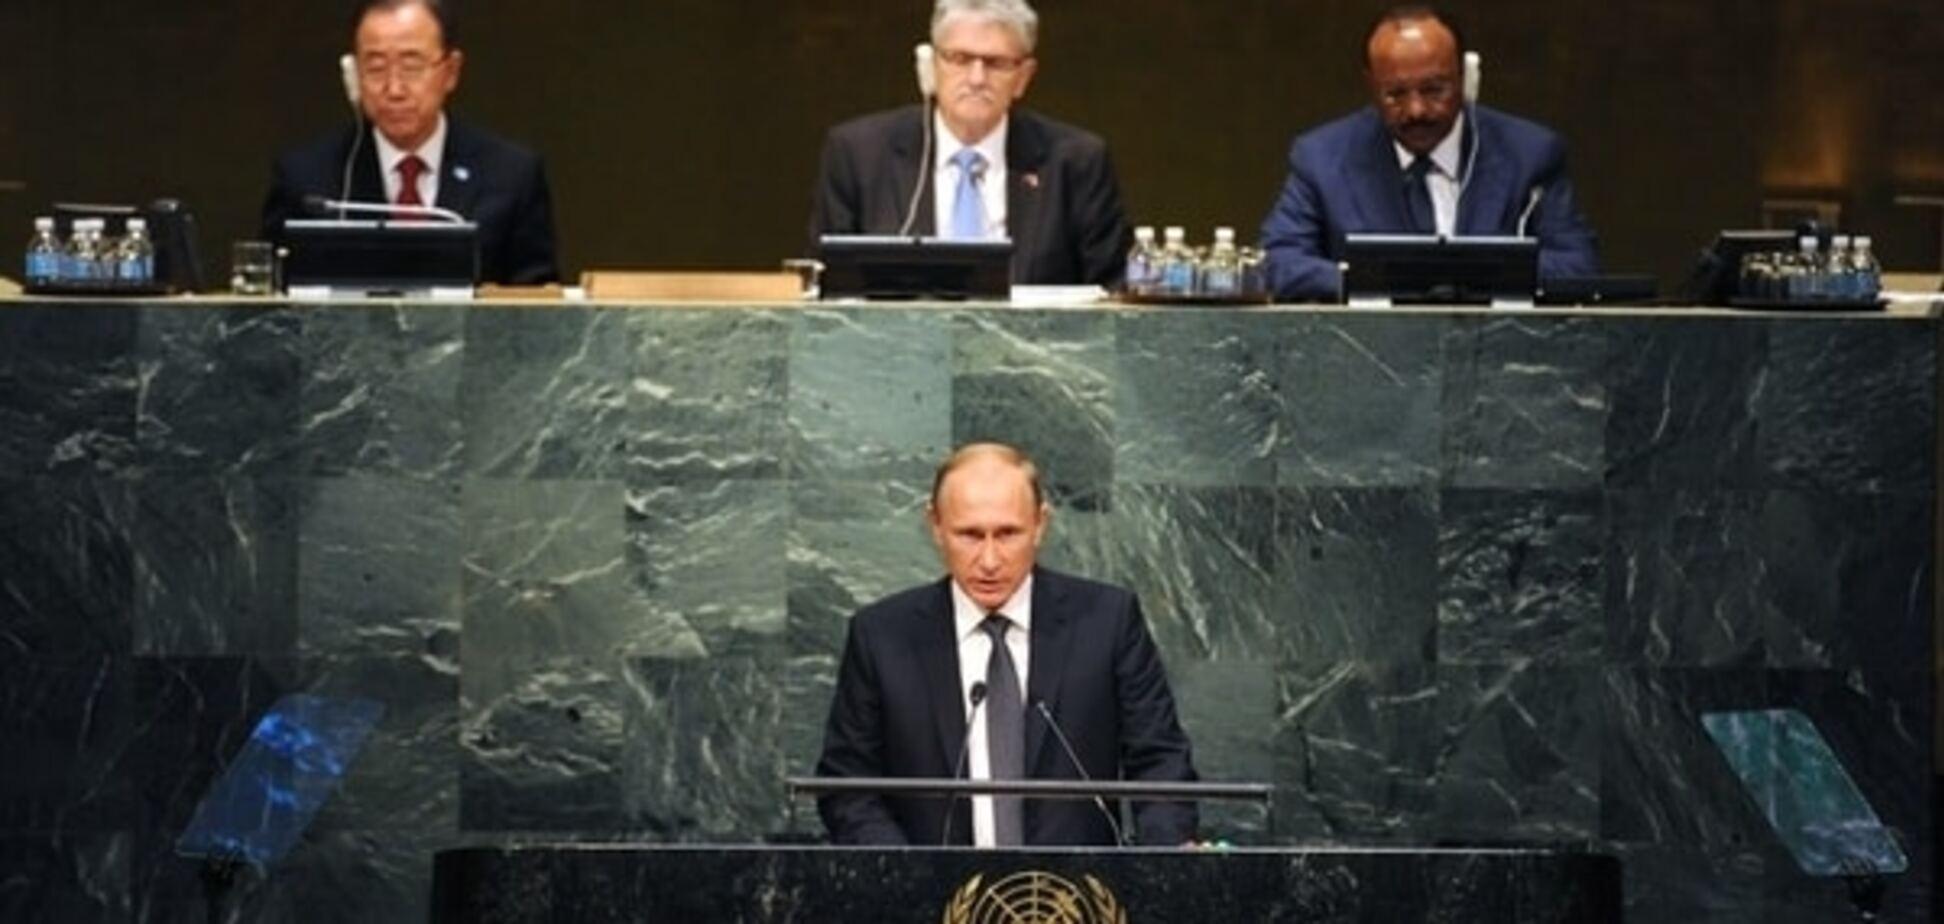 Больной шизофренией маньяк: соцсети о выступлении Путина на Генассамблее ООН